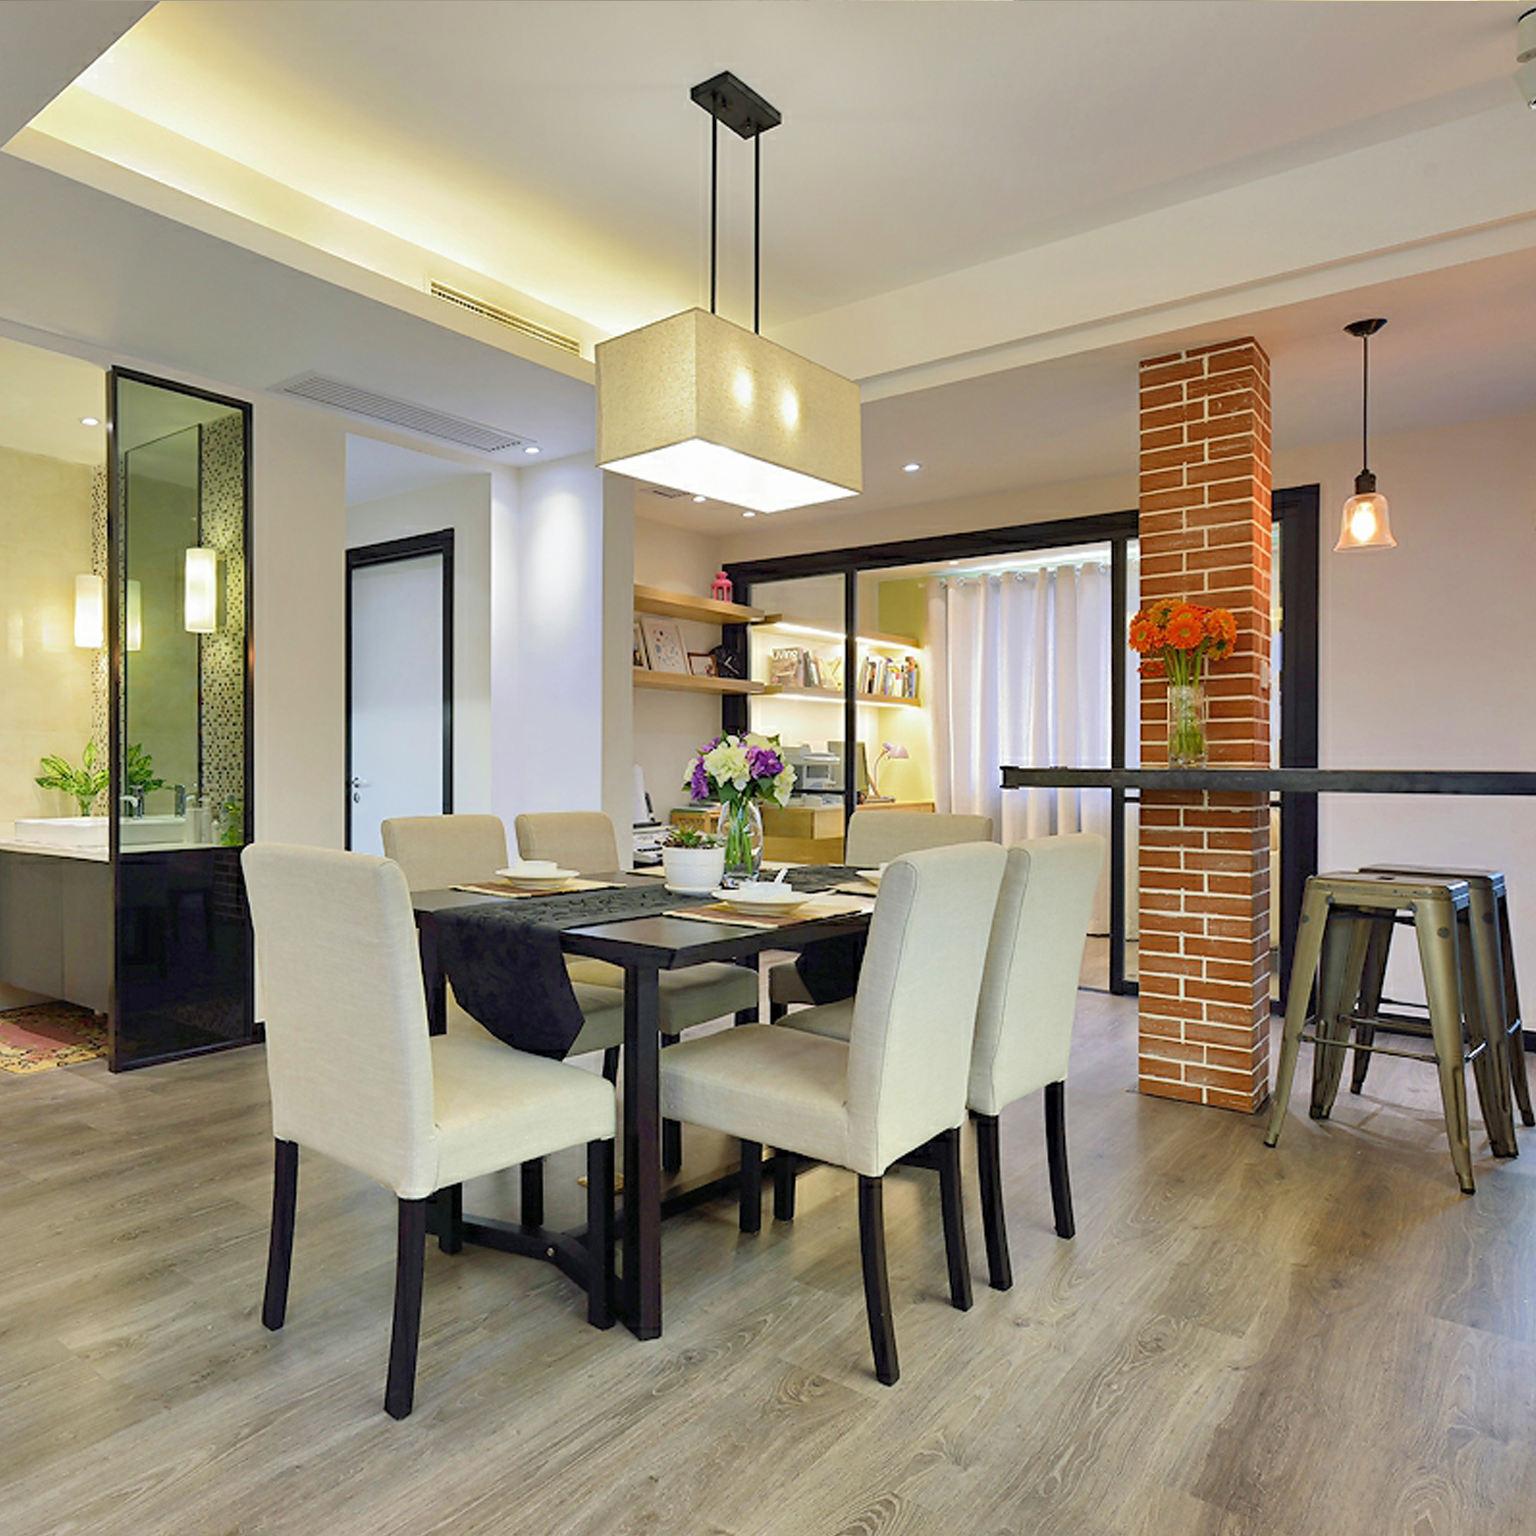 时尚现代家居餐厅布置效果图